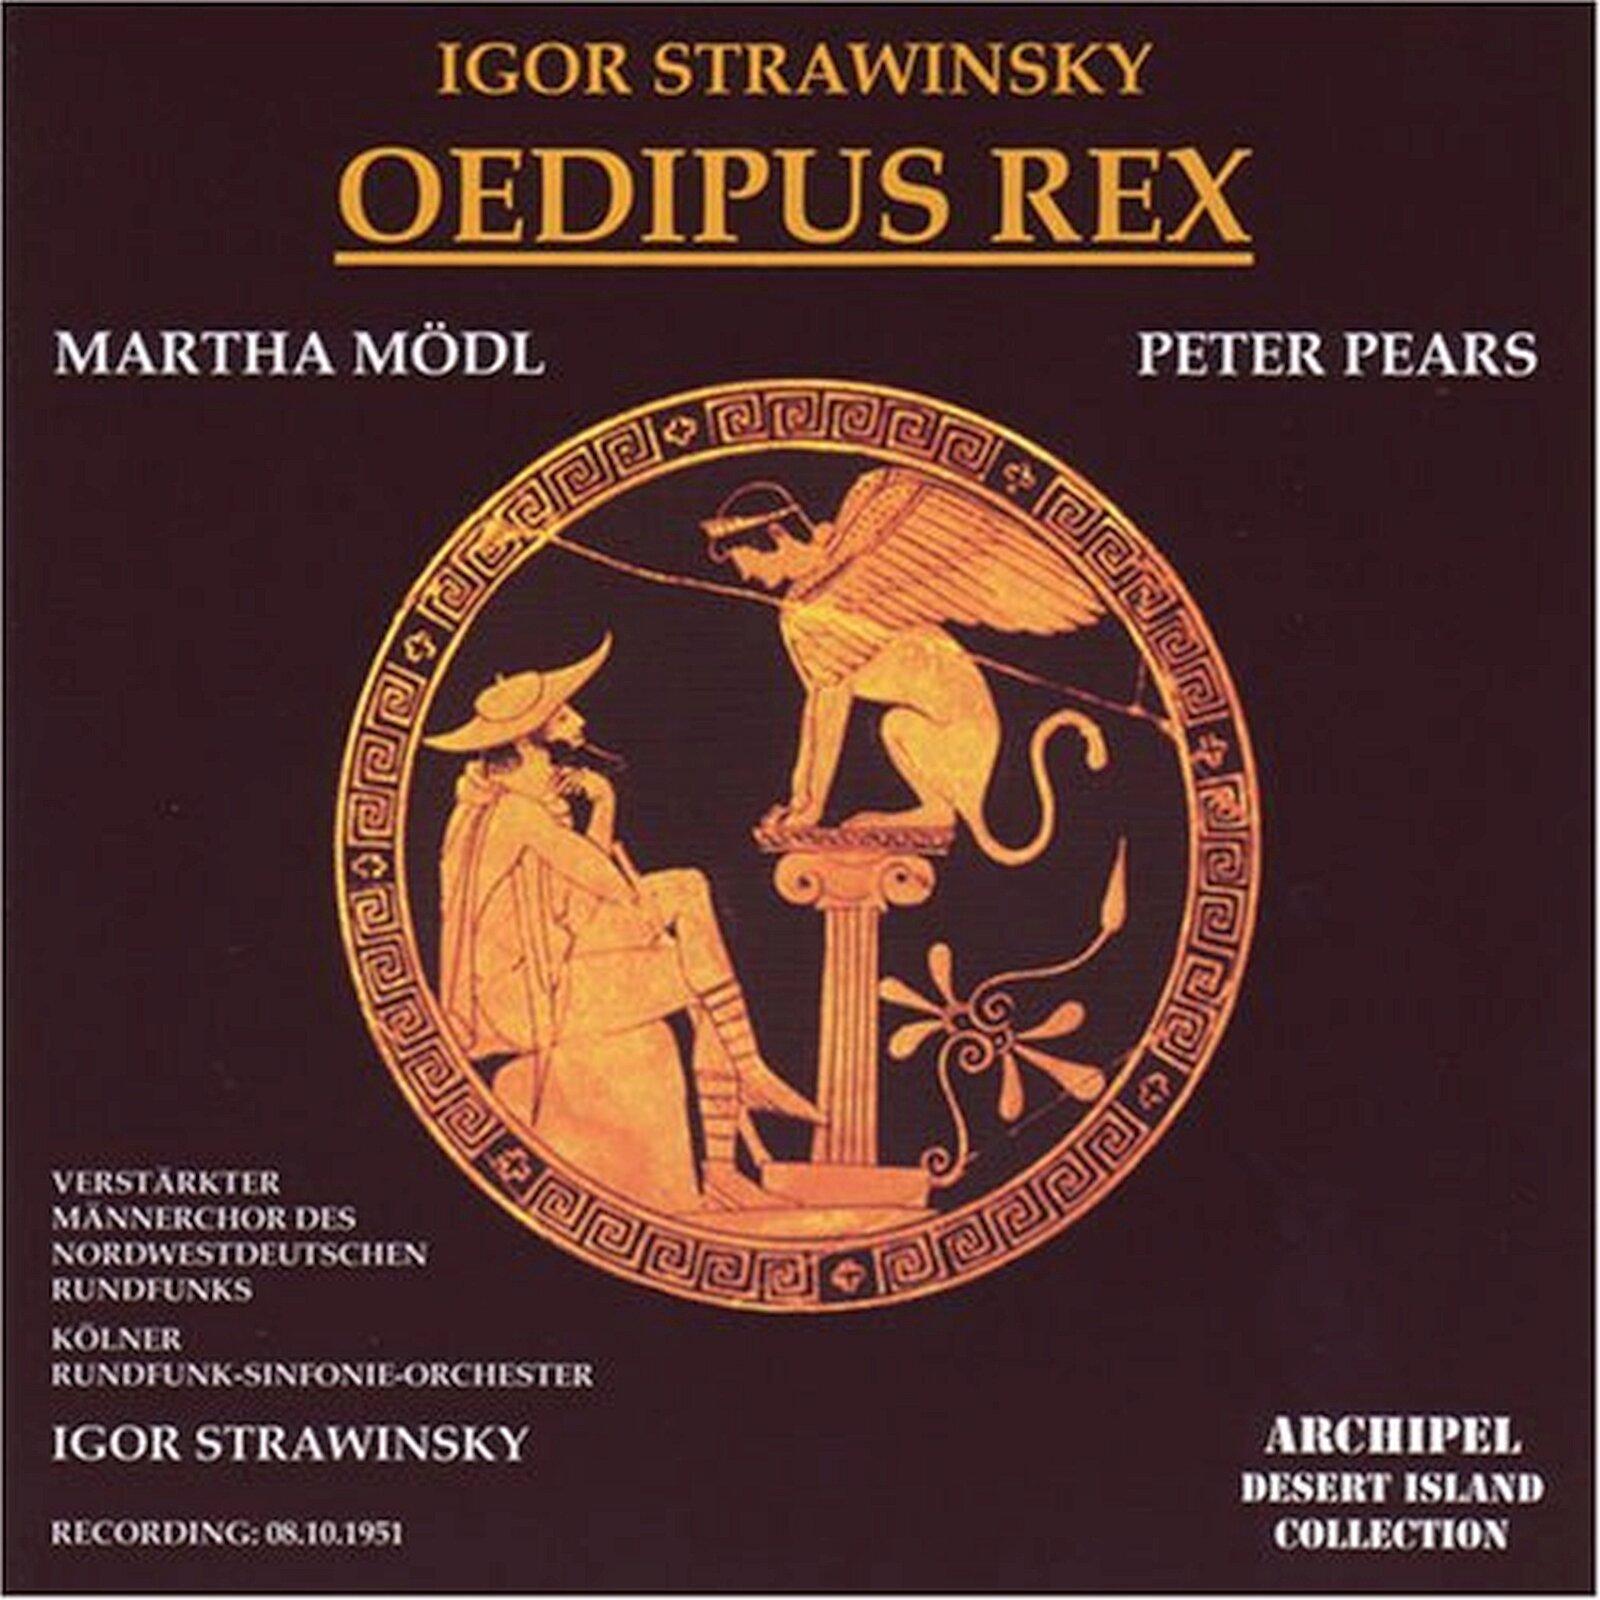 lustracja przedstawia okładkę albumu muzycznego Igora Stravinskiego pod tytułem Oedipus Rex. Okładka jest koloru brązowego izawiera rysunek, który przedstawia Edypa ze Sfinksem.